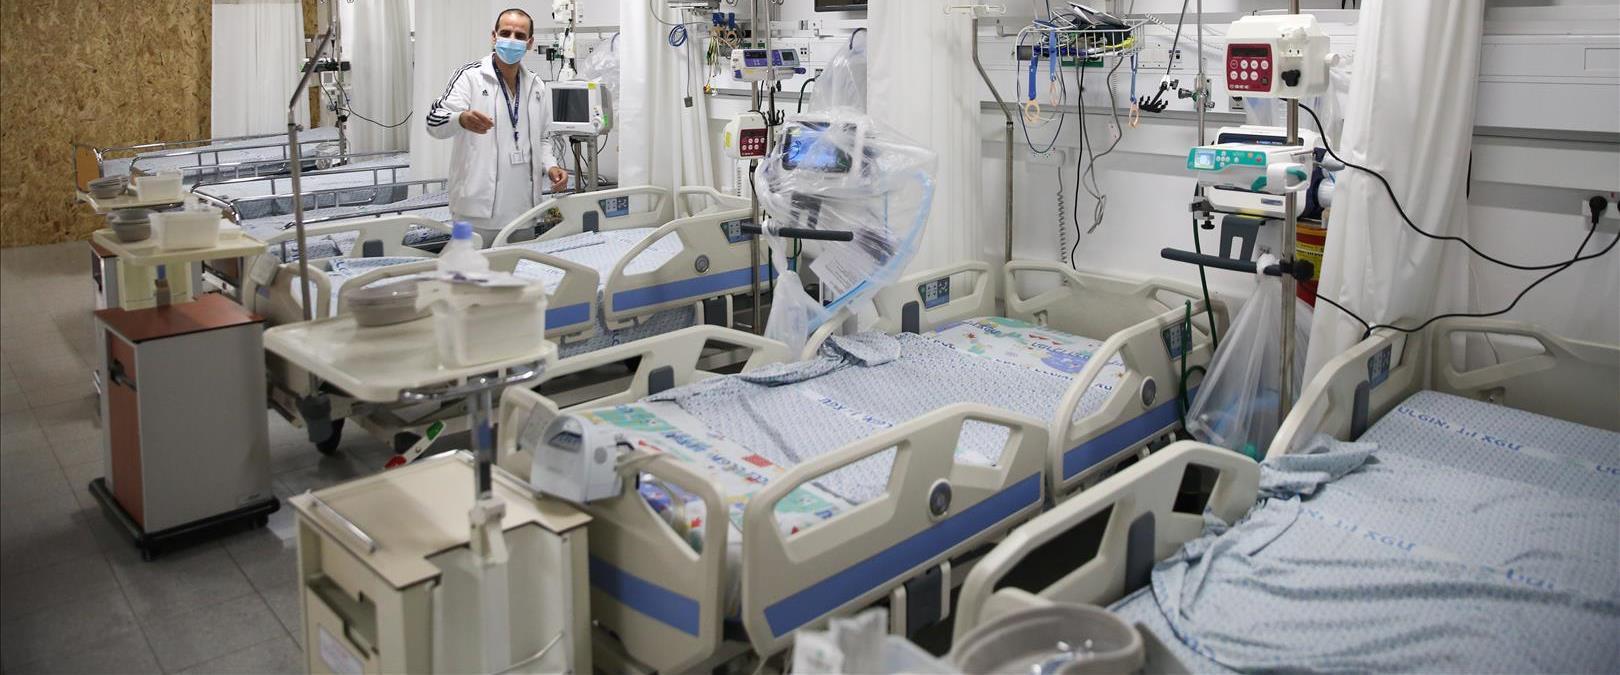 בית החולים זיו בצפת, קורונה